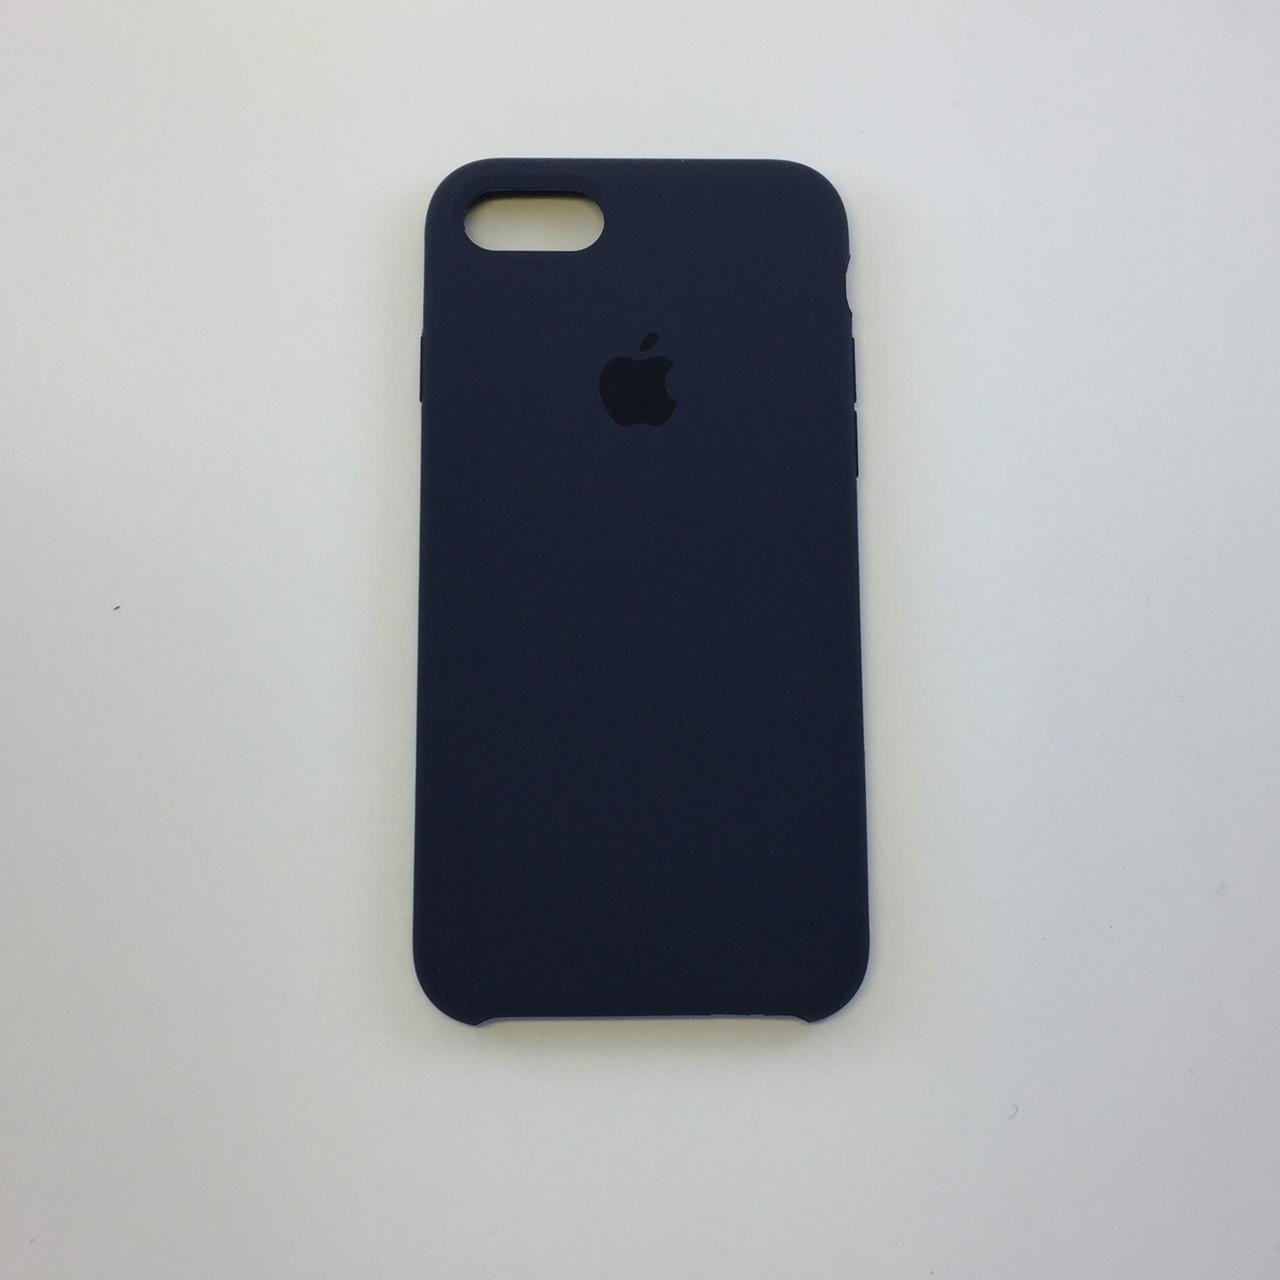 Силиконовый чехол для iPhone 7 Plus, - «темно-синий» - copy original